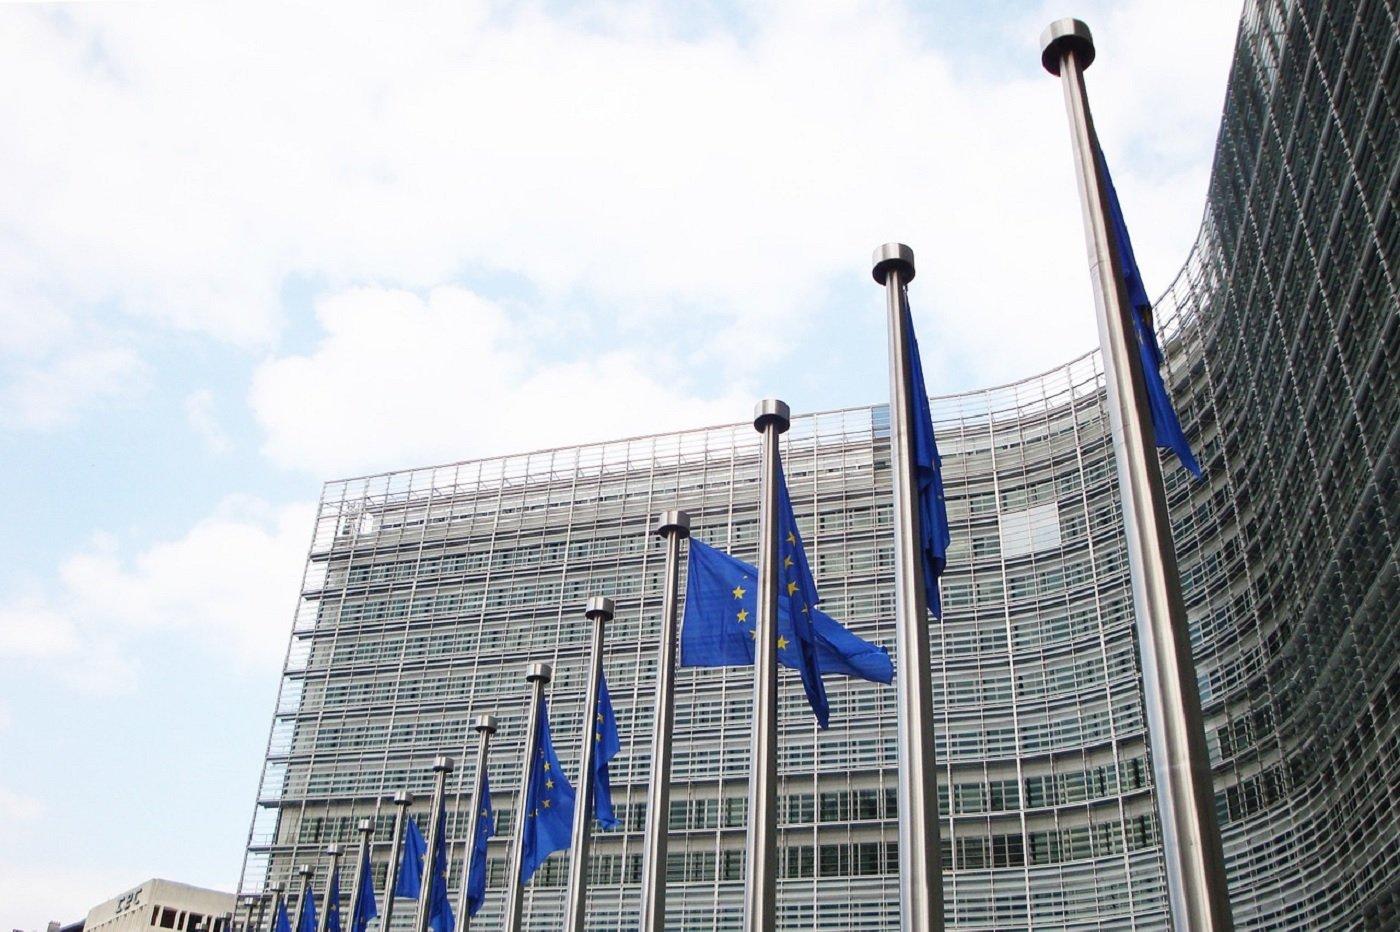 Union Européenne, Commission Européenne